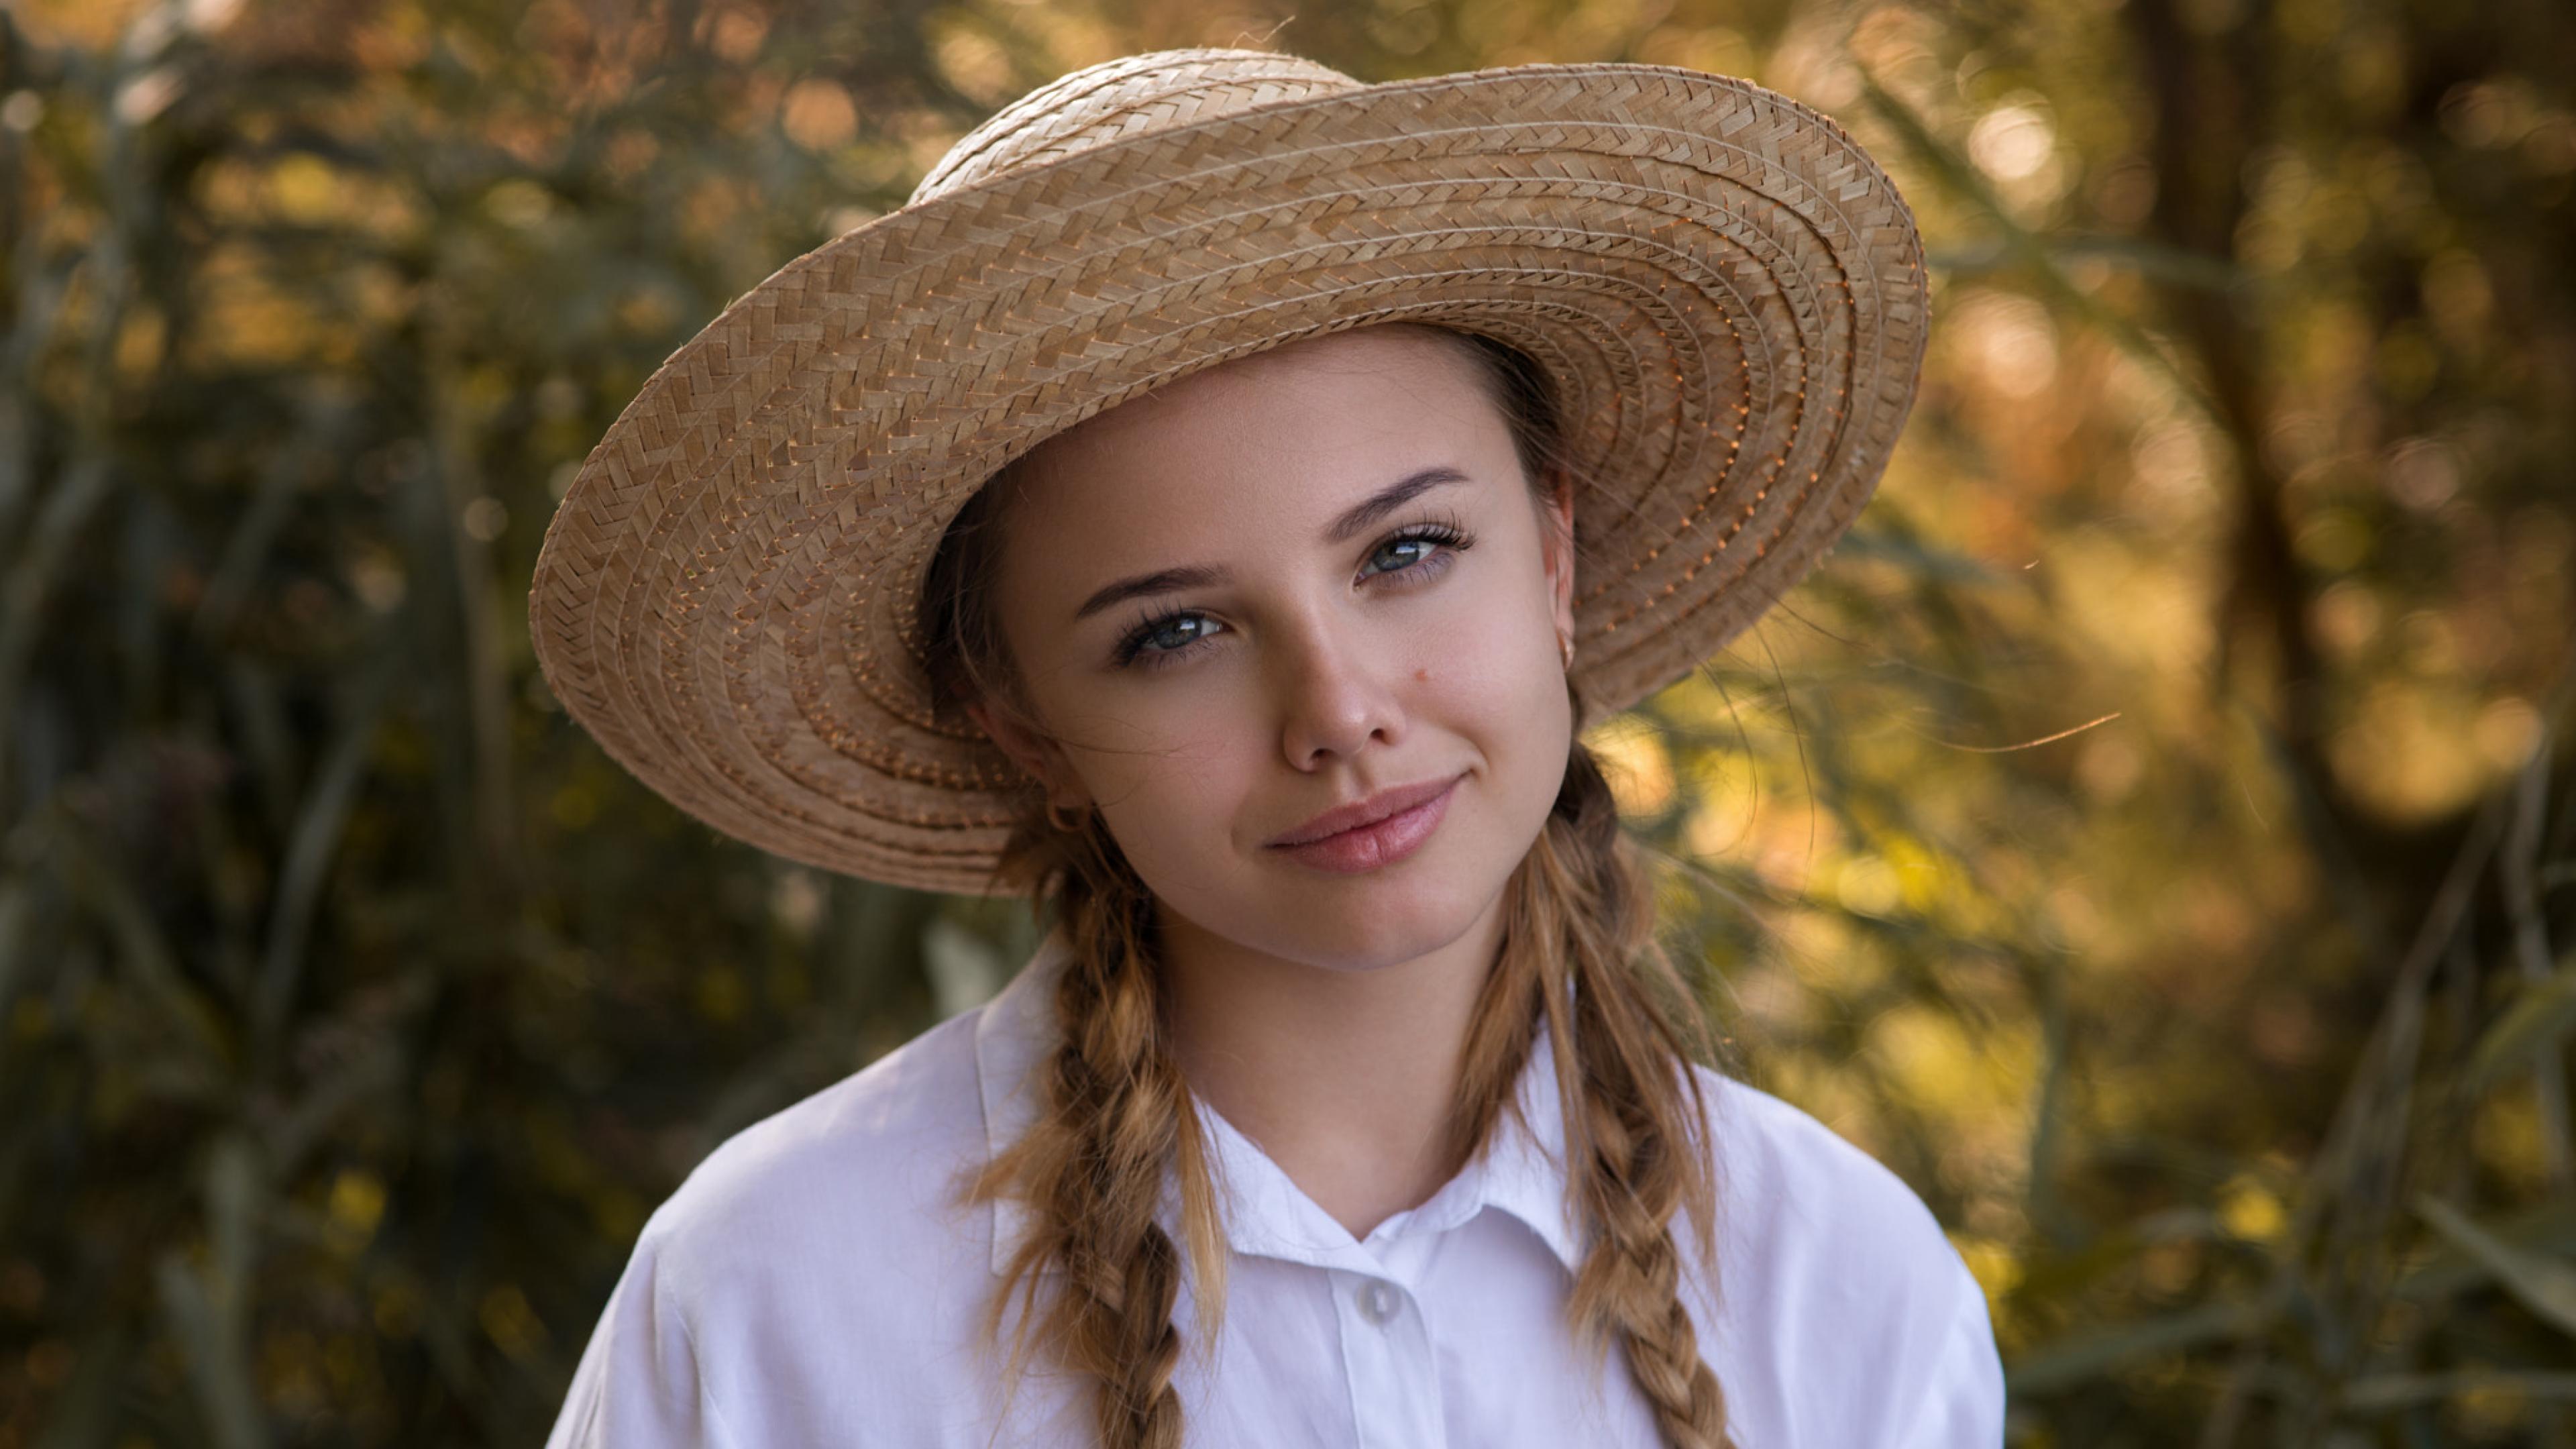 Лучшие фото молодых девчонок — img 13